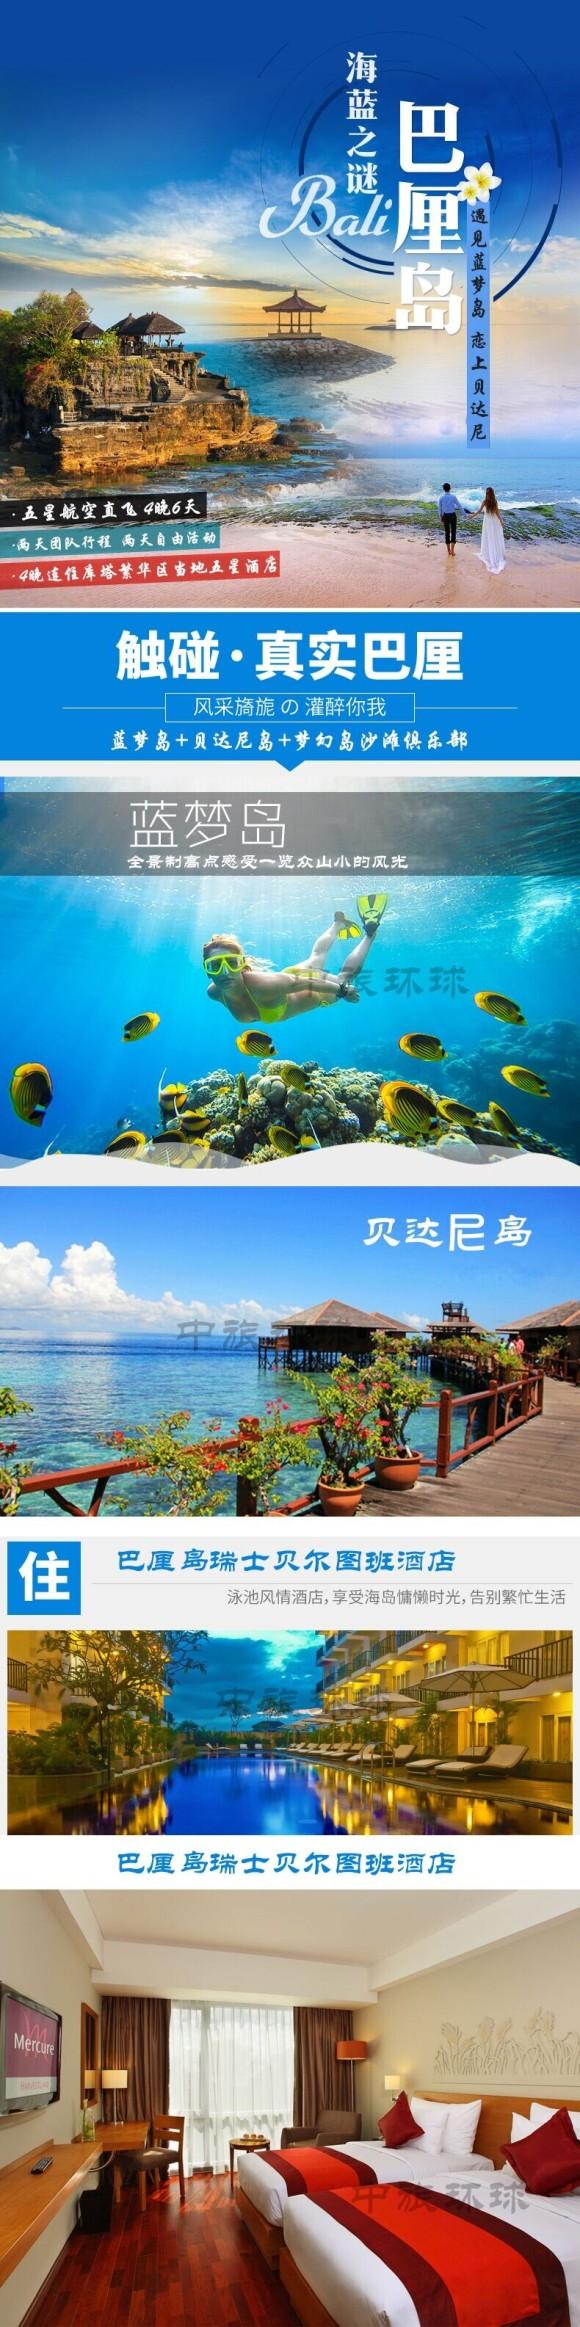 北京直飞巴厘岛4晚6天半自由行(北京直飞+蓝梦岛+贝达